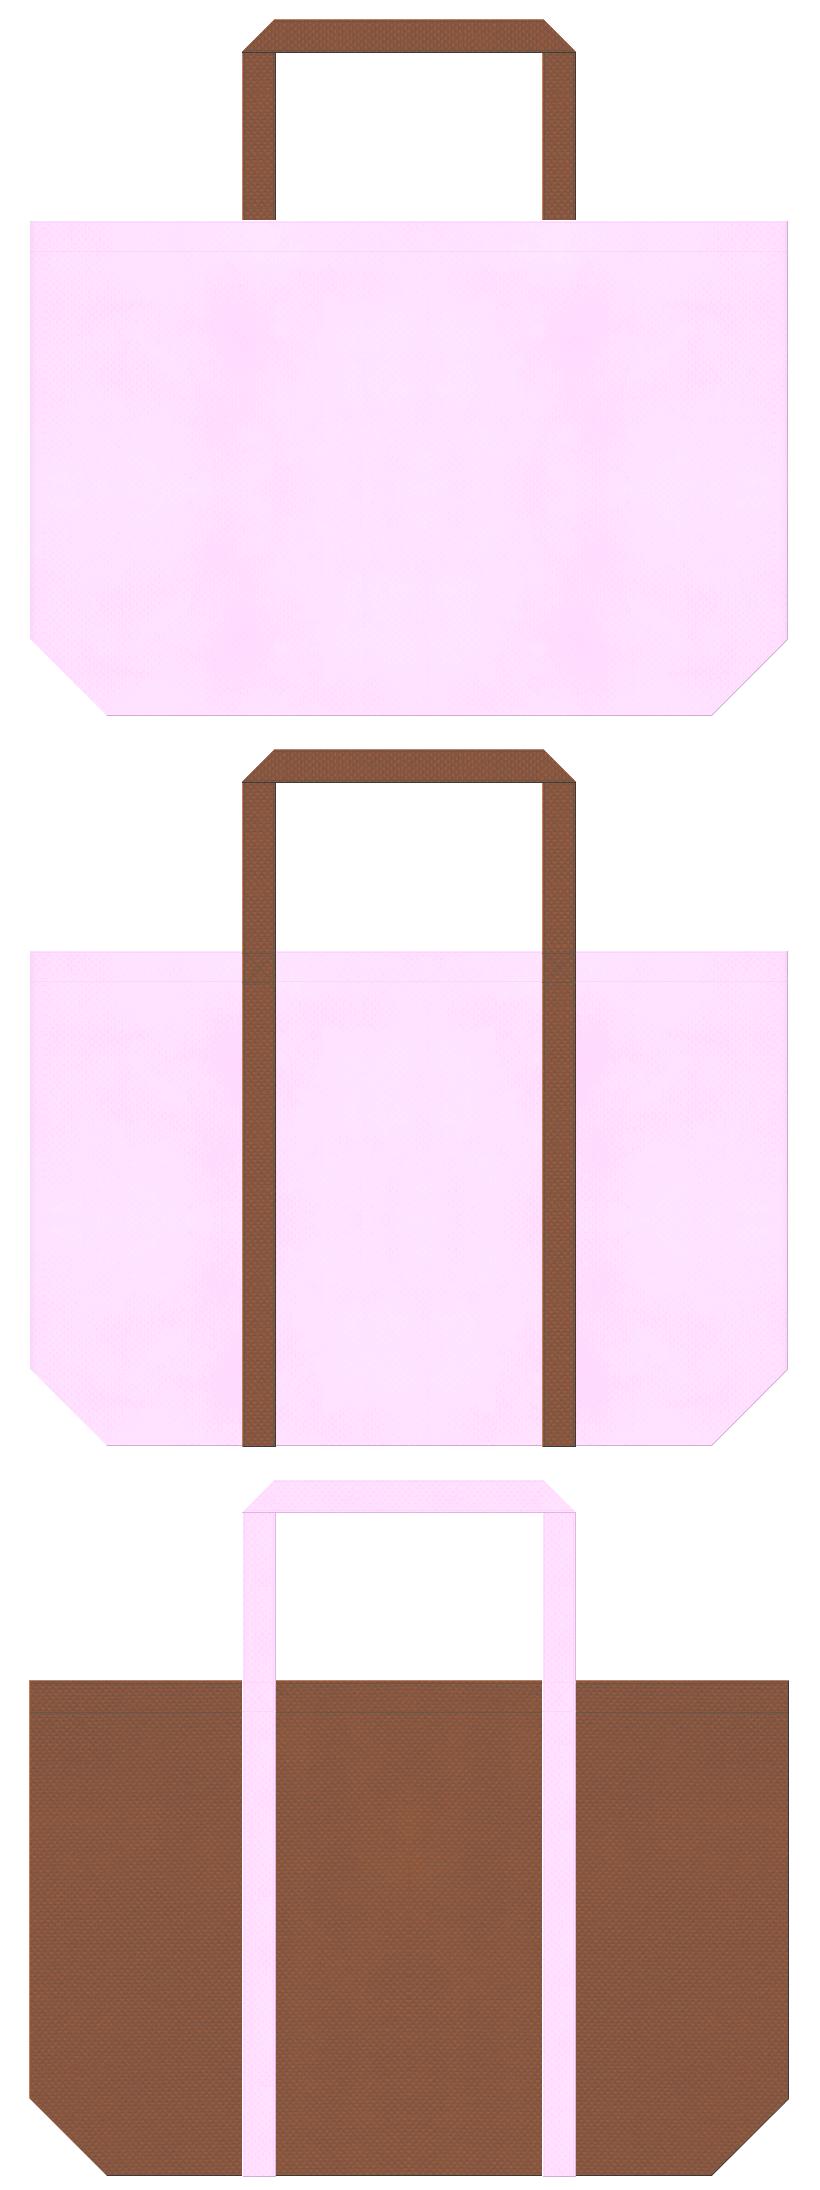 ペットショップ・ペットサロン・ペット用品・ペットフード・アニマルケア・絵本・おとぎ話・ポニー・ベアー・子犬・手芸・ぬいぐるみ・いちごチョコ・ガーリーデザインのショッピングバッグにお奨めの不織布バッグデザイン:パステルピンク色と茶色のコーデ